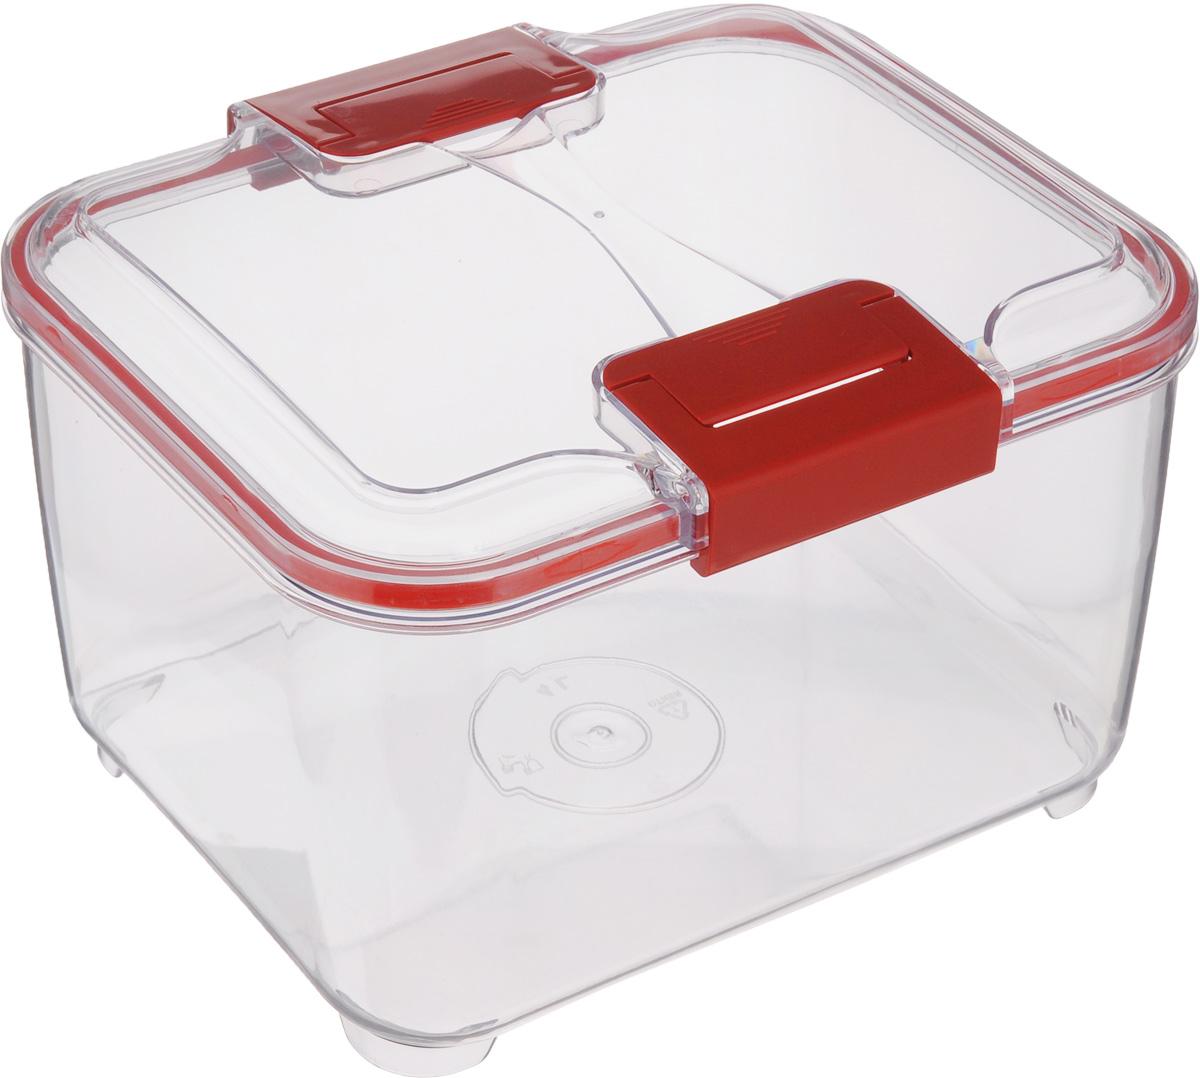 Контейнер Status, цвет: прозрачный, красный, 4 л4630003364517Пищевой контейнер Status изготовлен из высококачественного пищевого пластика. Контейнер безопасен для здоровья, не содержит BPA. Изделие имеет прямоугольную форму и оснащено плотно закрывающейся крышкой. Прозрачные стенки позволяют видеть содержимое. Контейнер закрывается при помощи двух защелок.Можно мыть в посудомоечной машине.Контейнер подходит для использования вморозильной камере и СВЧ.